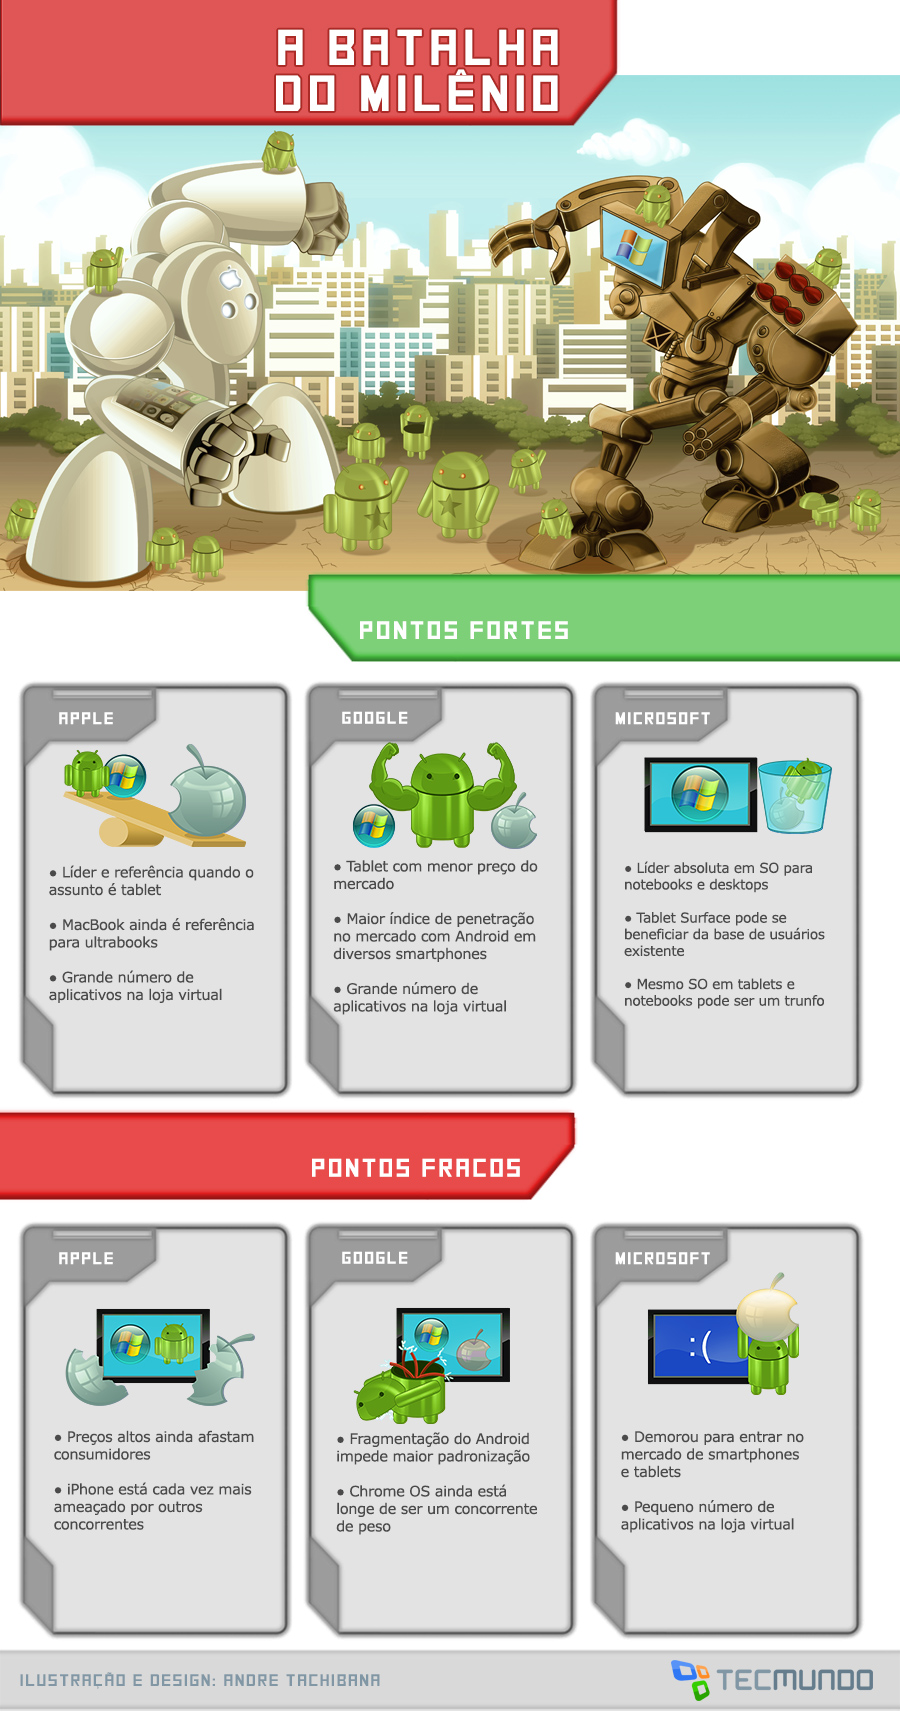 Apple x Google x Microsoft: a batalha do milênio [ilustração]